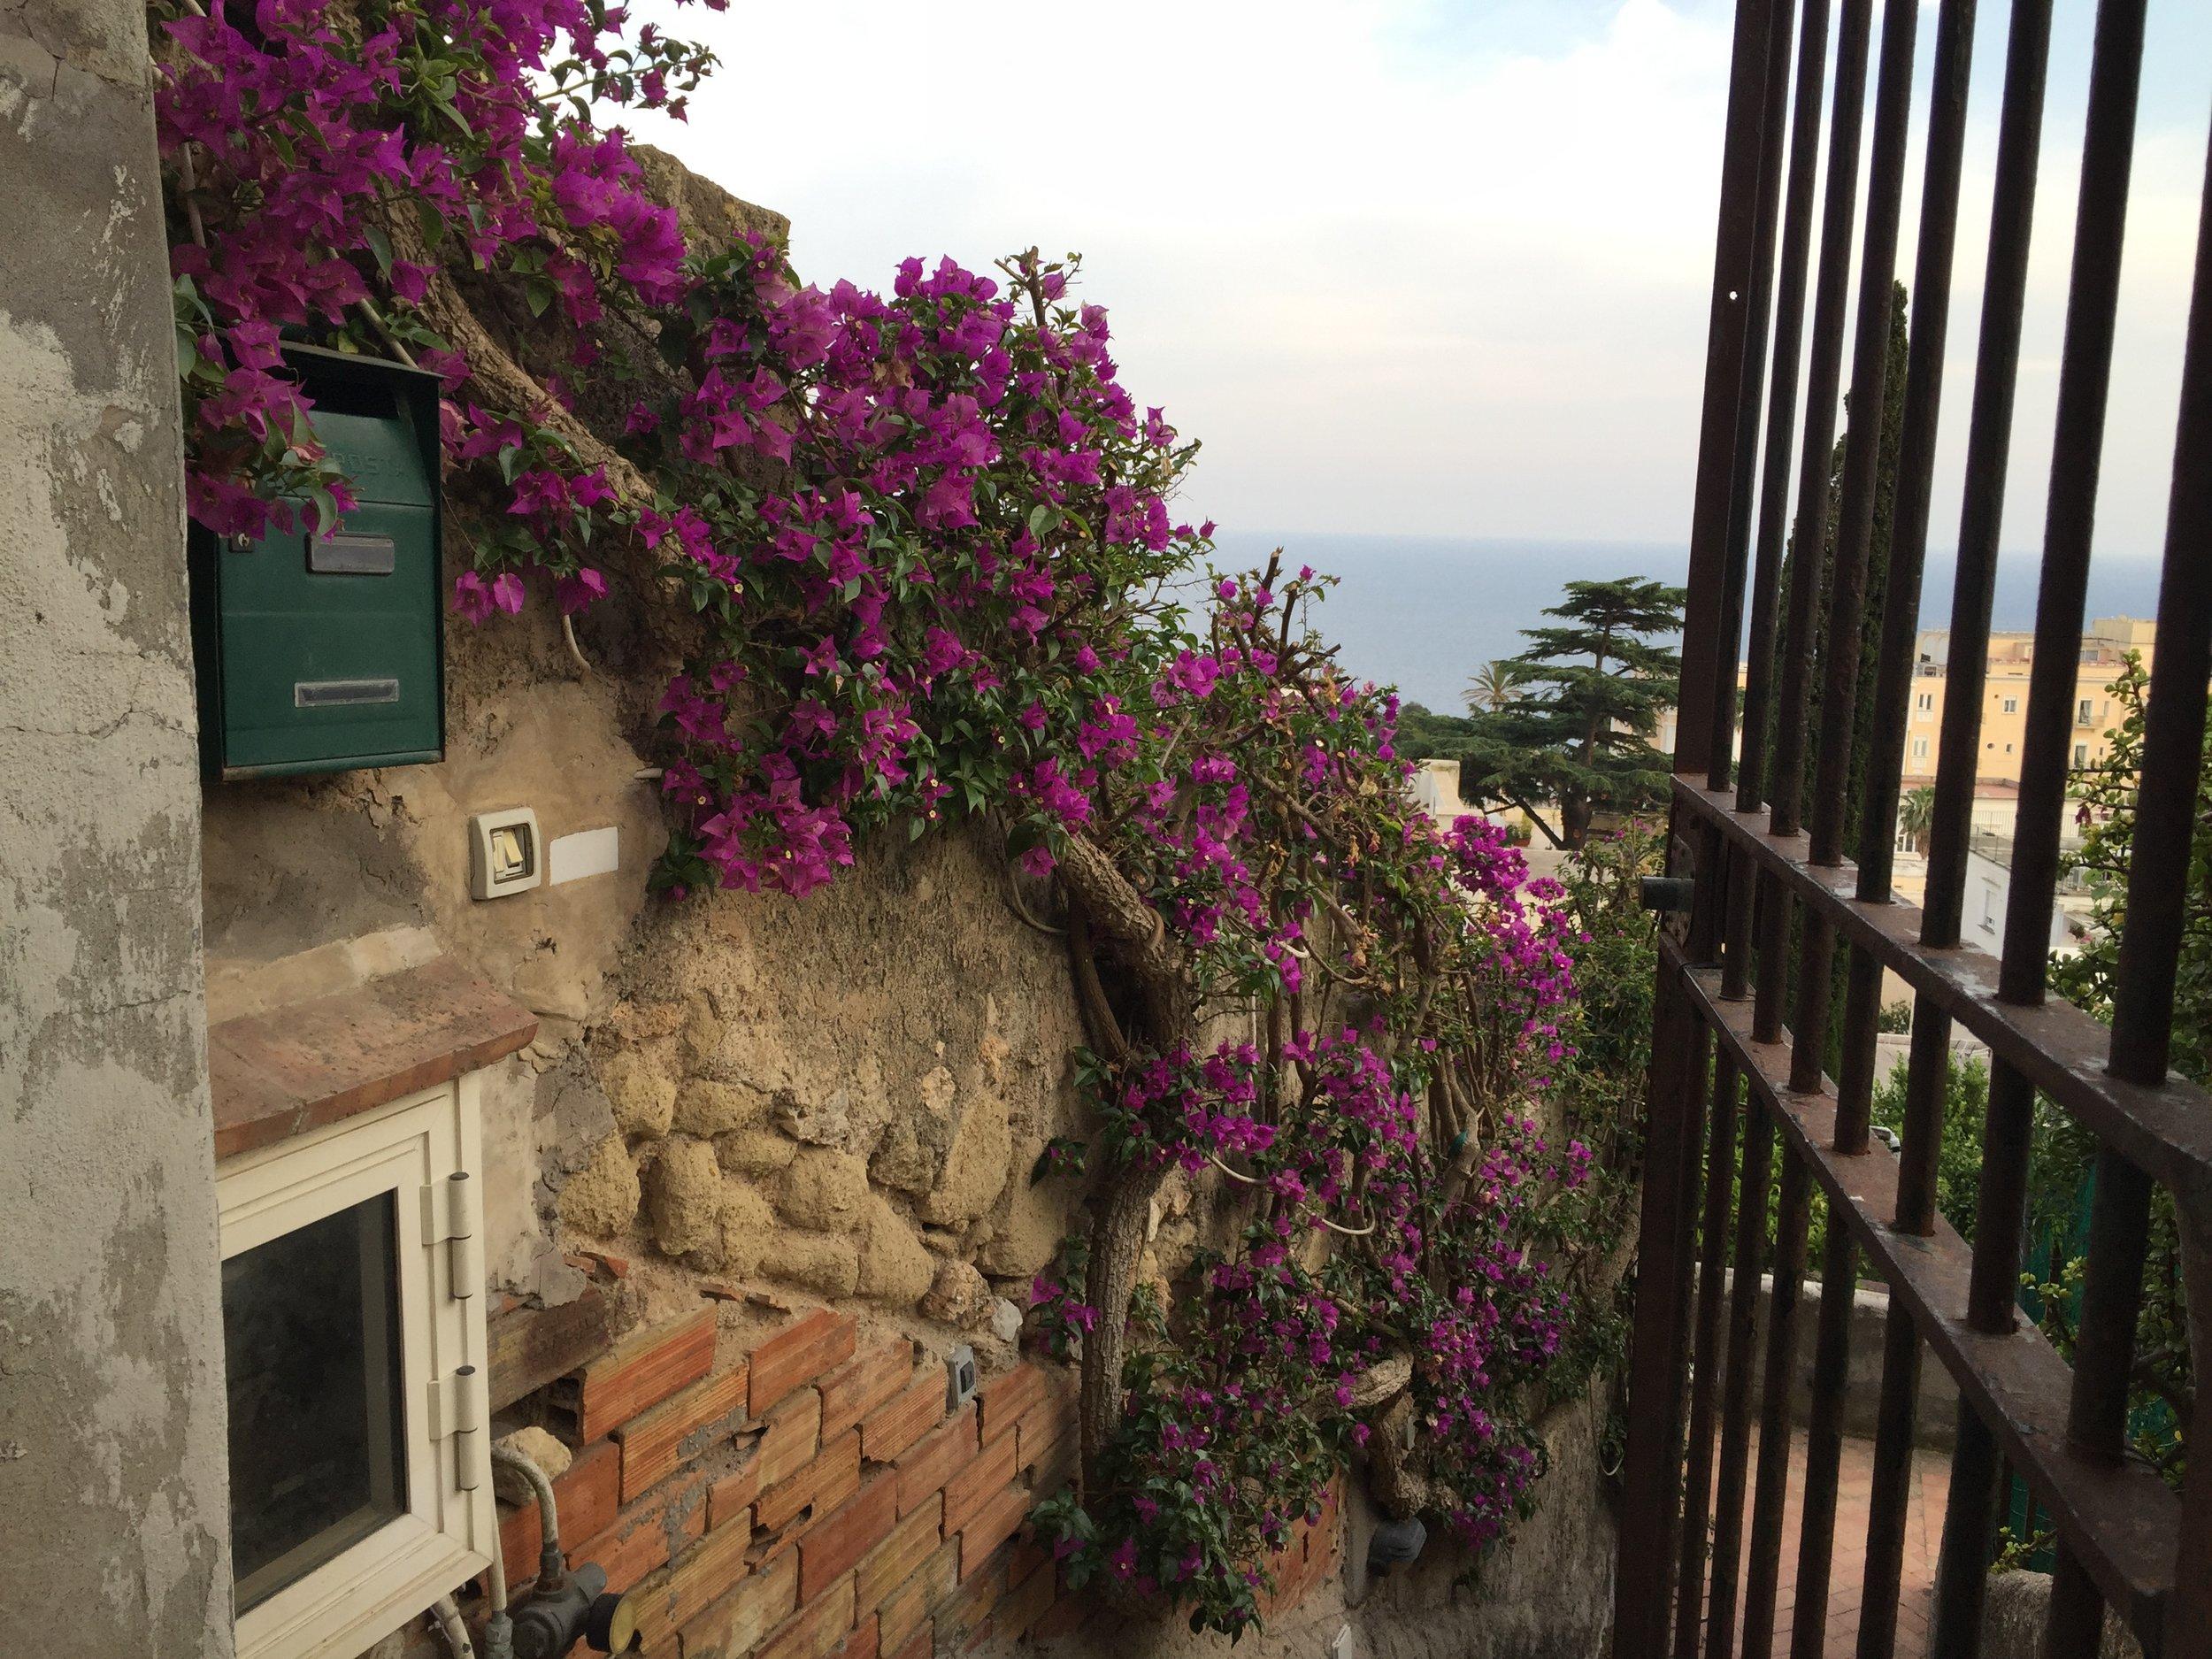 Mail box in Capri Italy